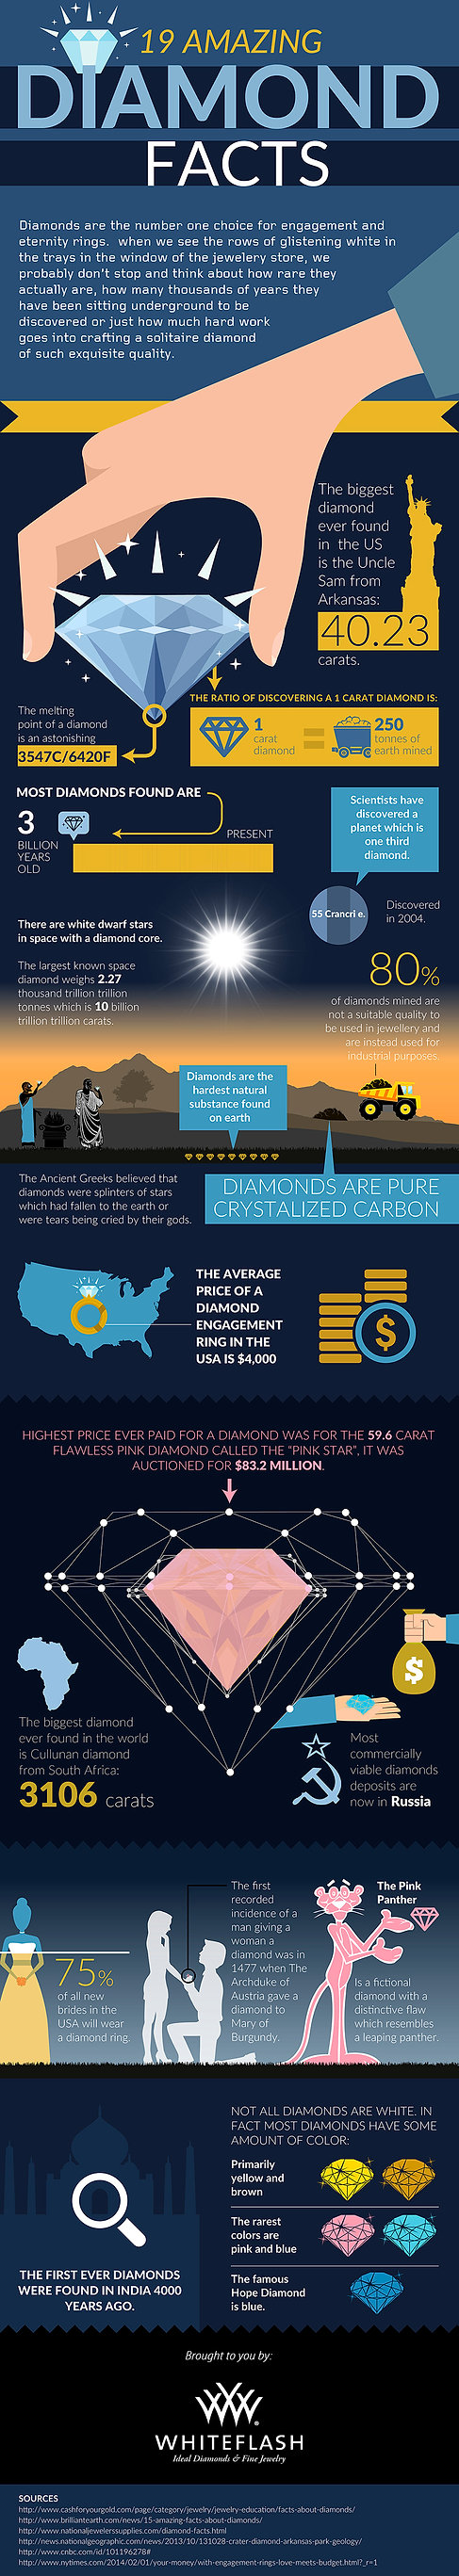 19 Diamond Facts